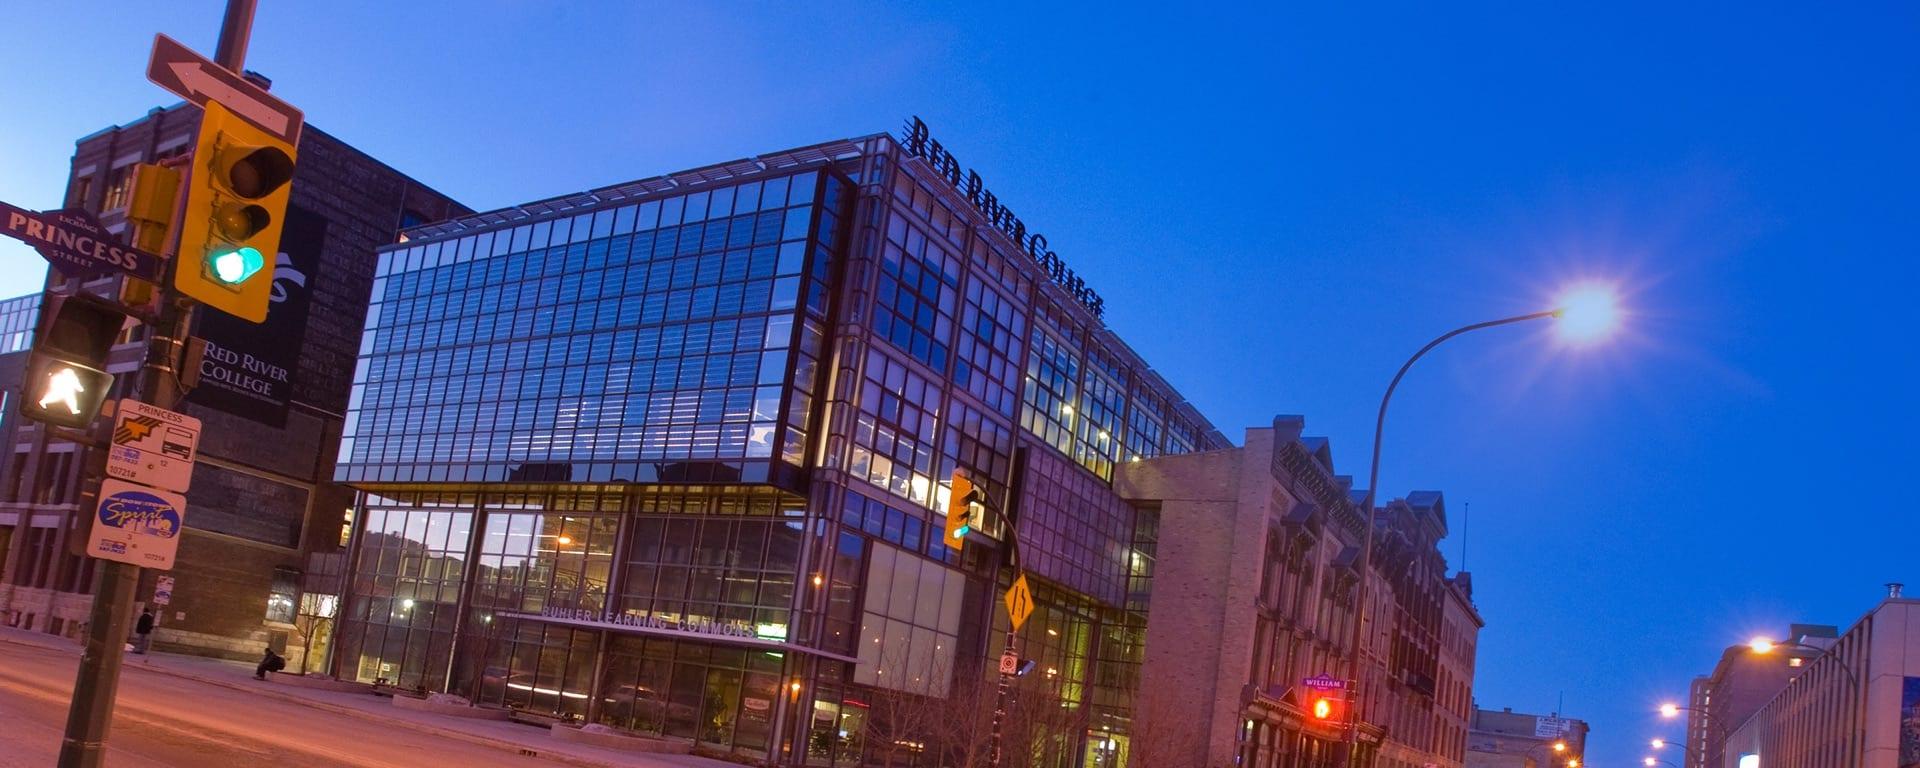 Exchange District Campus exterior